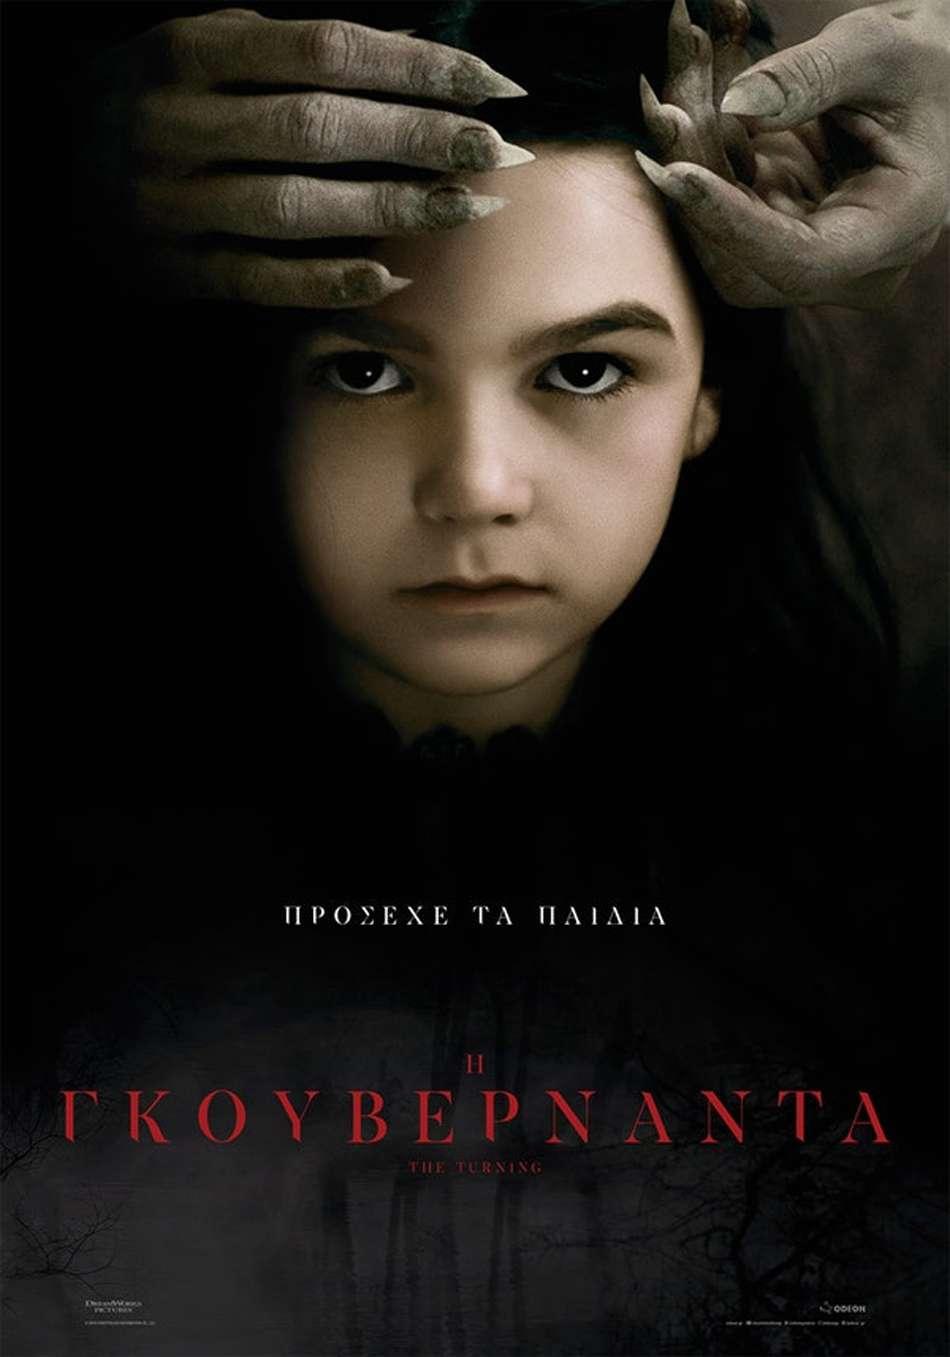 Η Γκουβερνάντα (The Turning) Poster